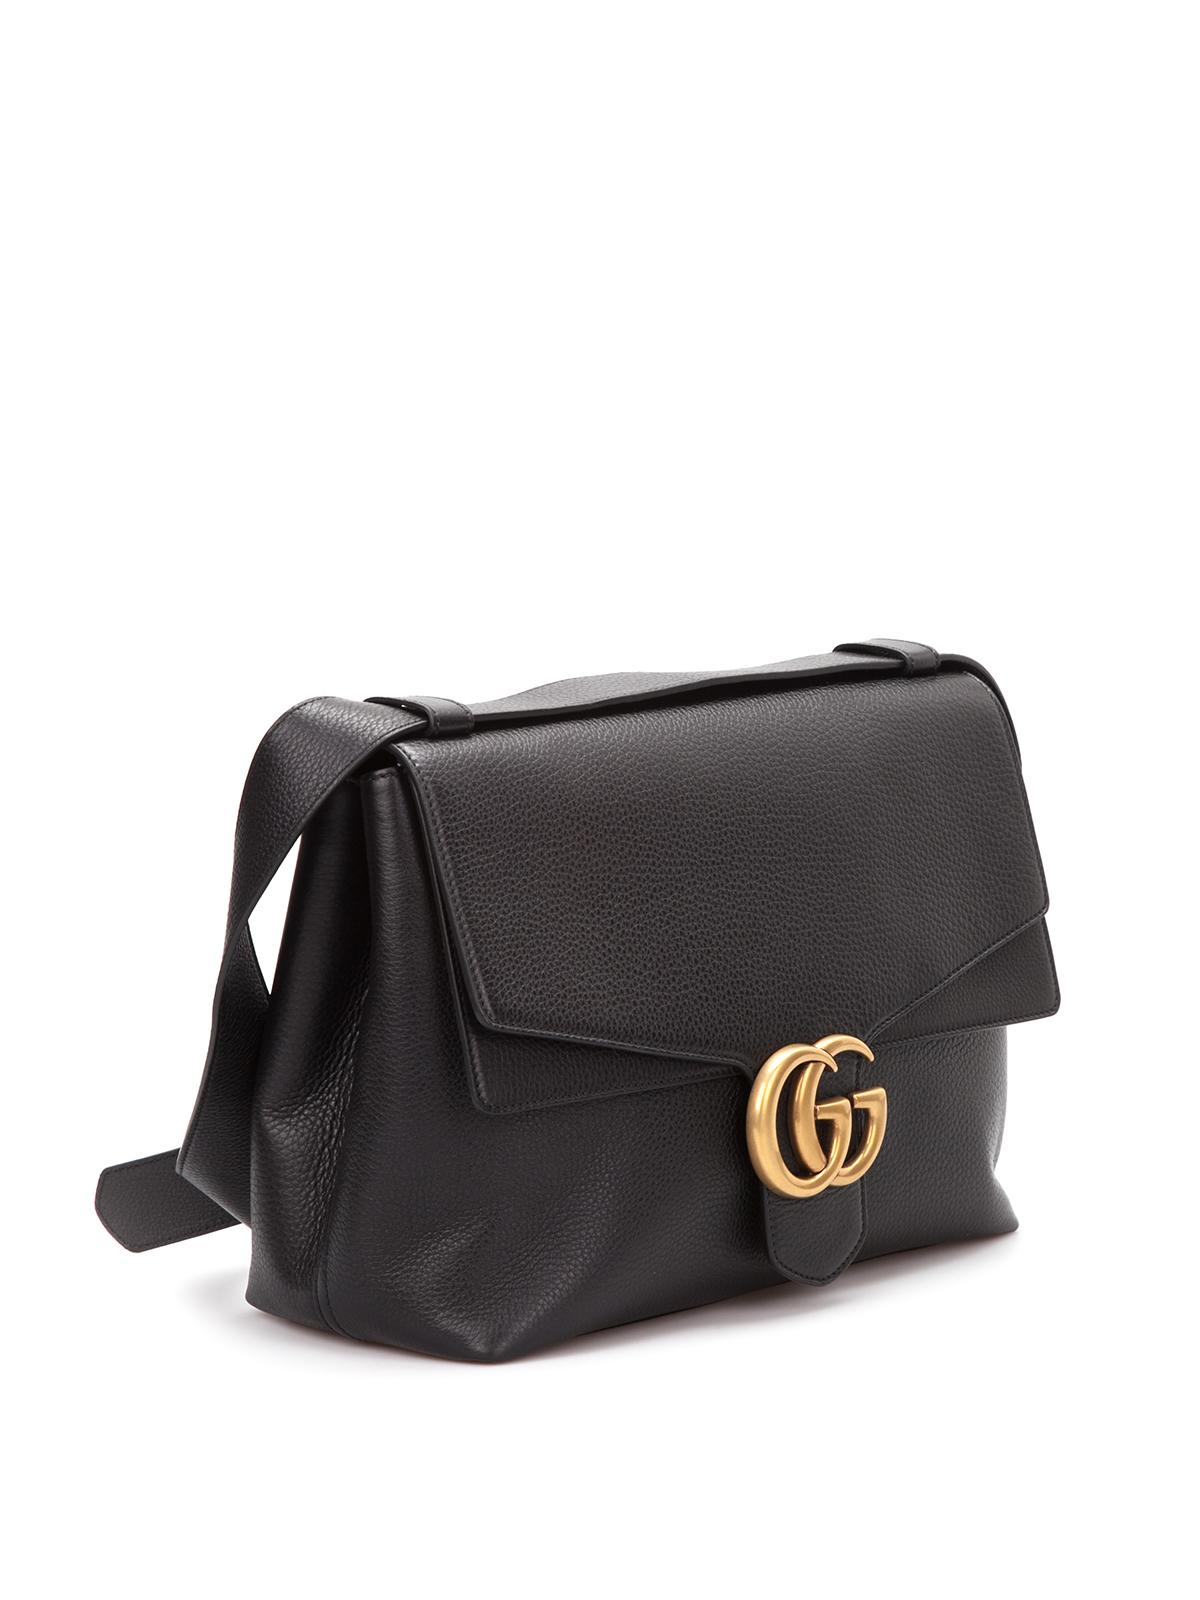 96b618efd6c Gucci - GG marmont leather shoulder bag - shoulder bags - 400245 ...